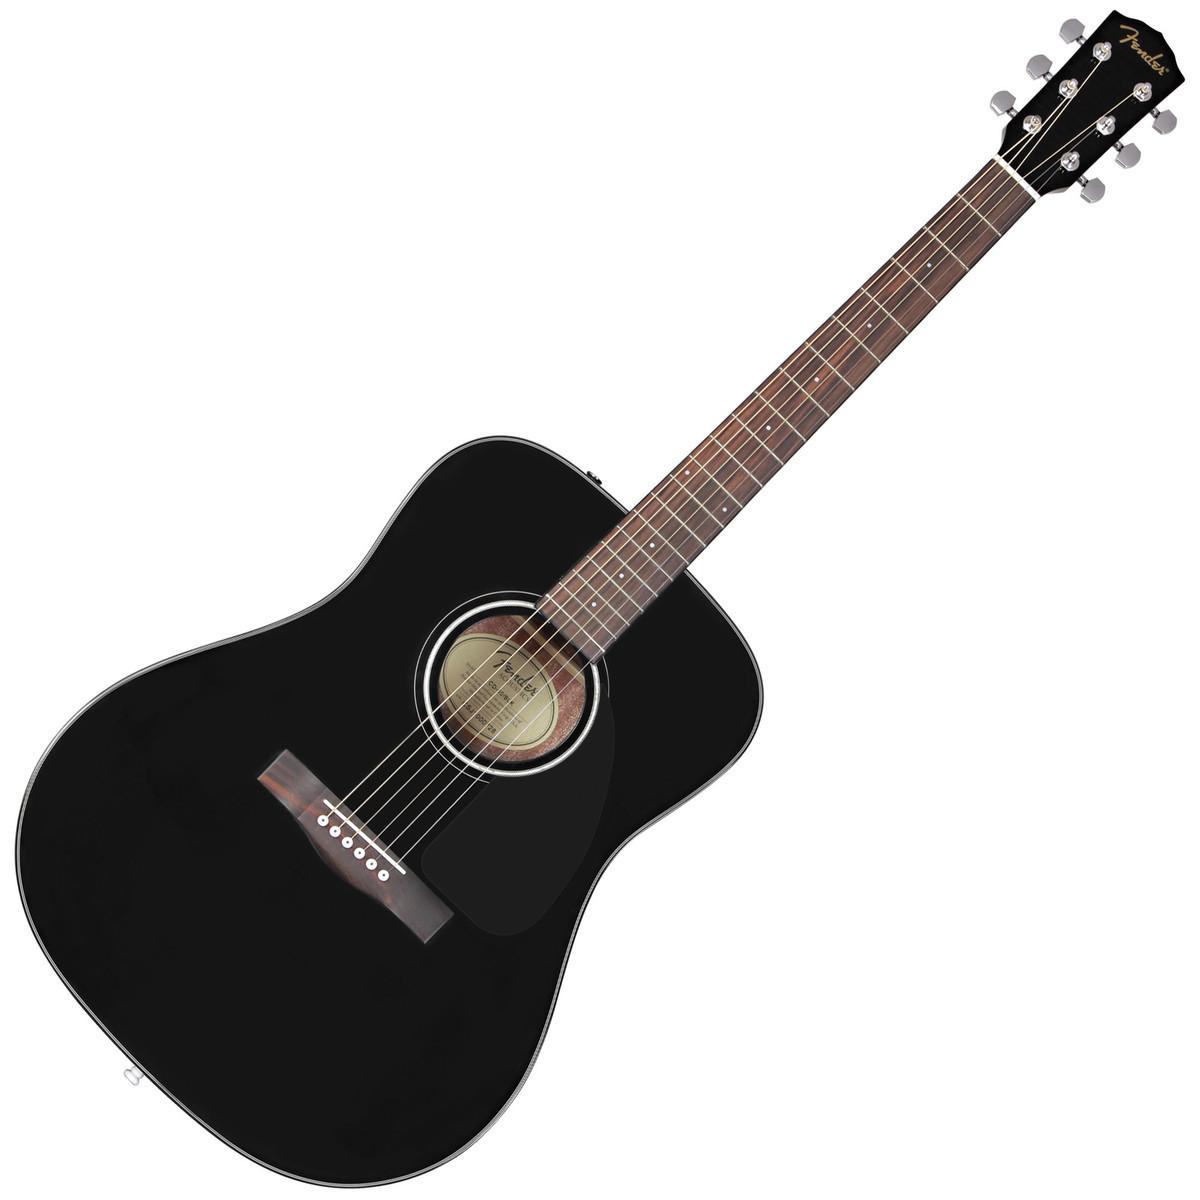 fender cd 60 acoustic guitar pack black at. Black Bedroom Furniture Sets. Home Design Ideas